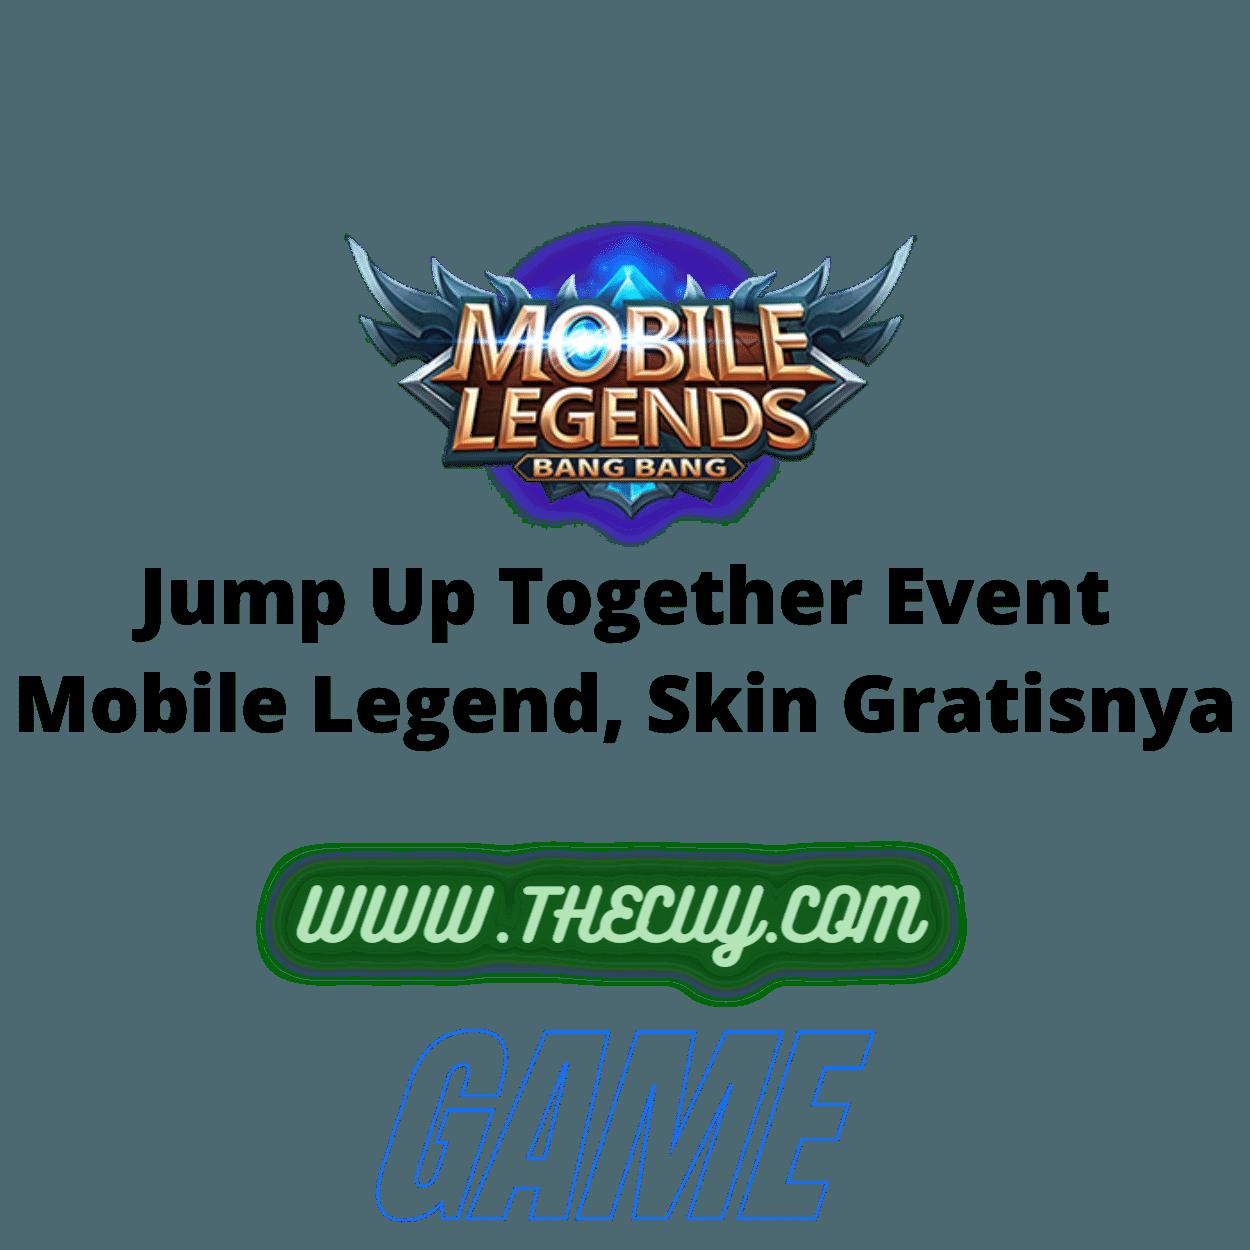 Jump Up Together Event Mobile Legend, Skin Gratisnya